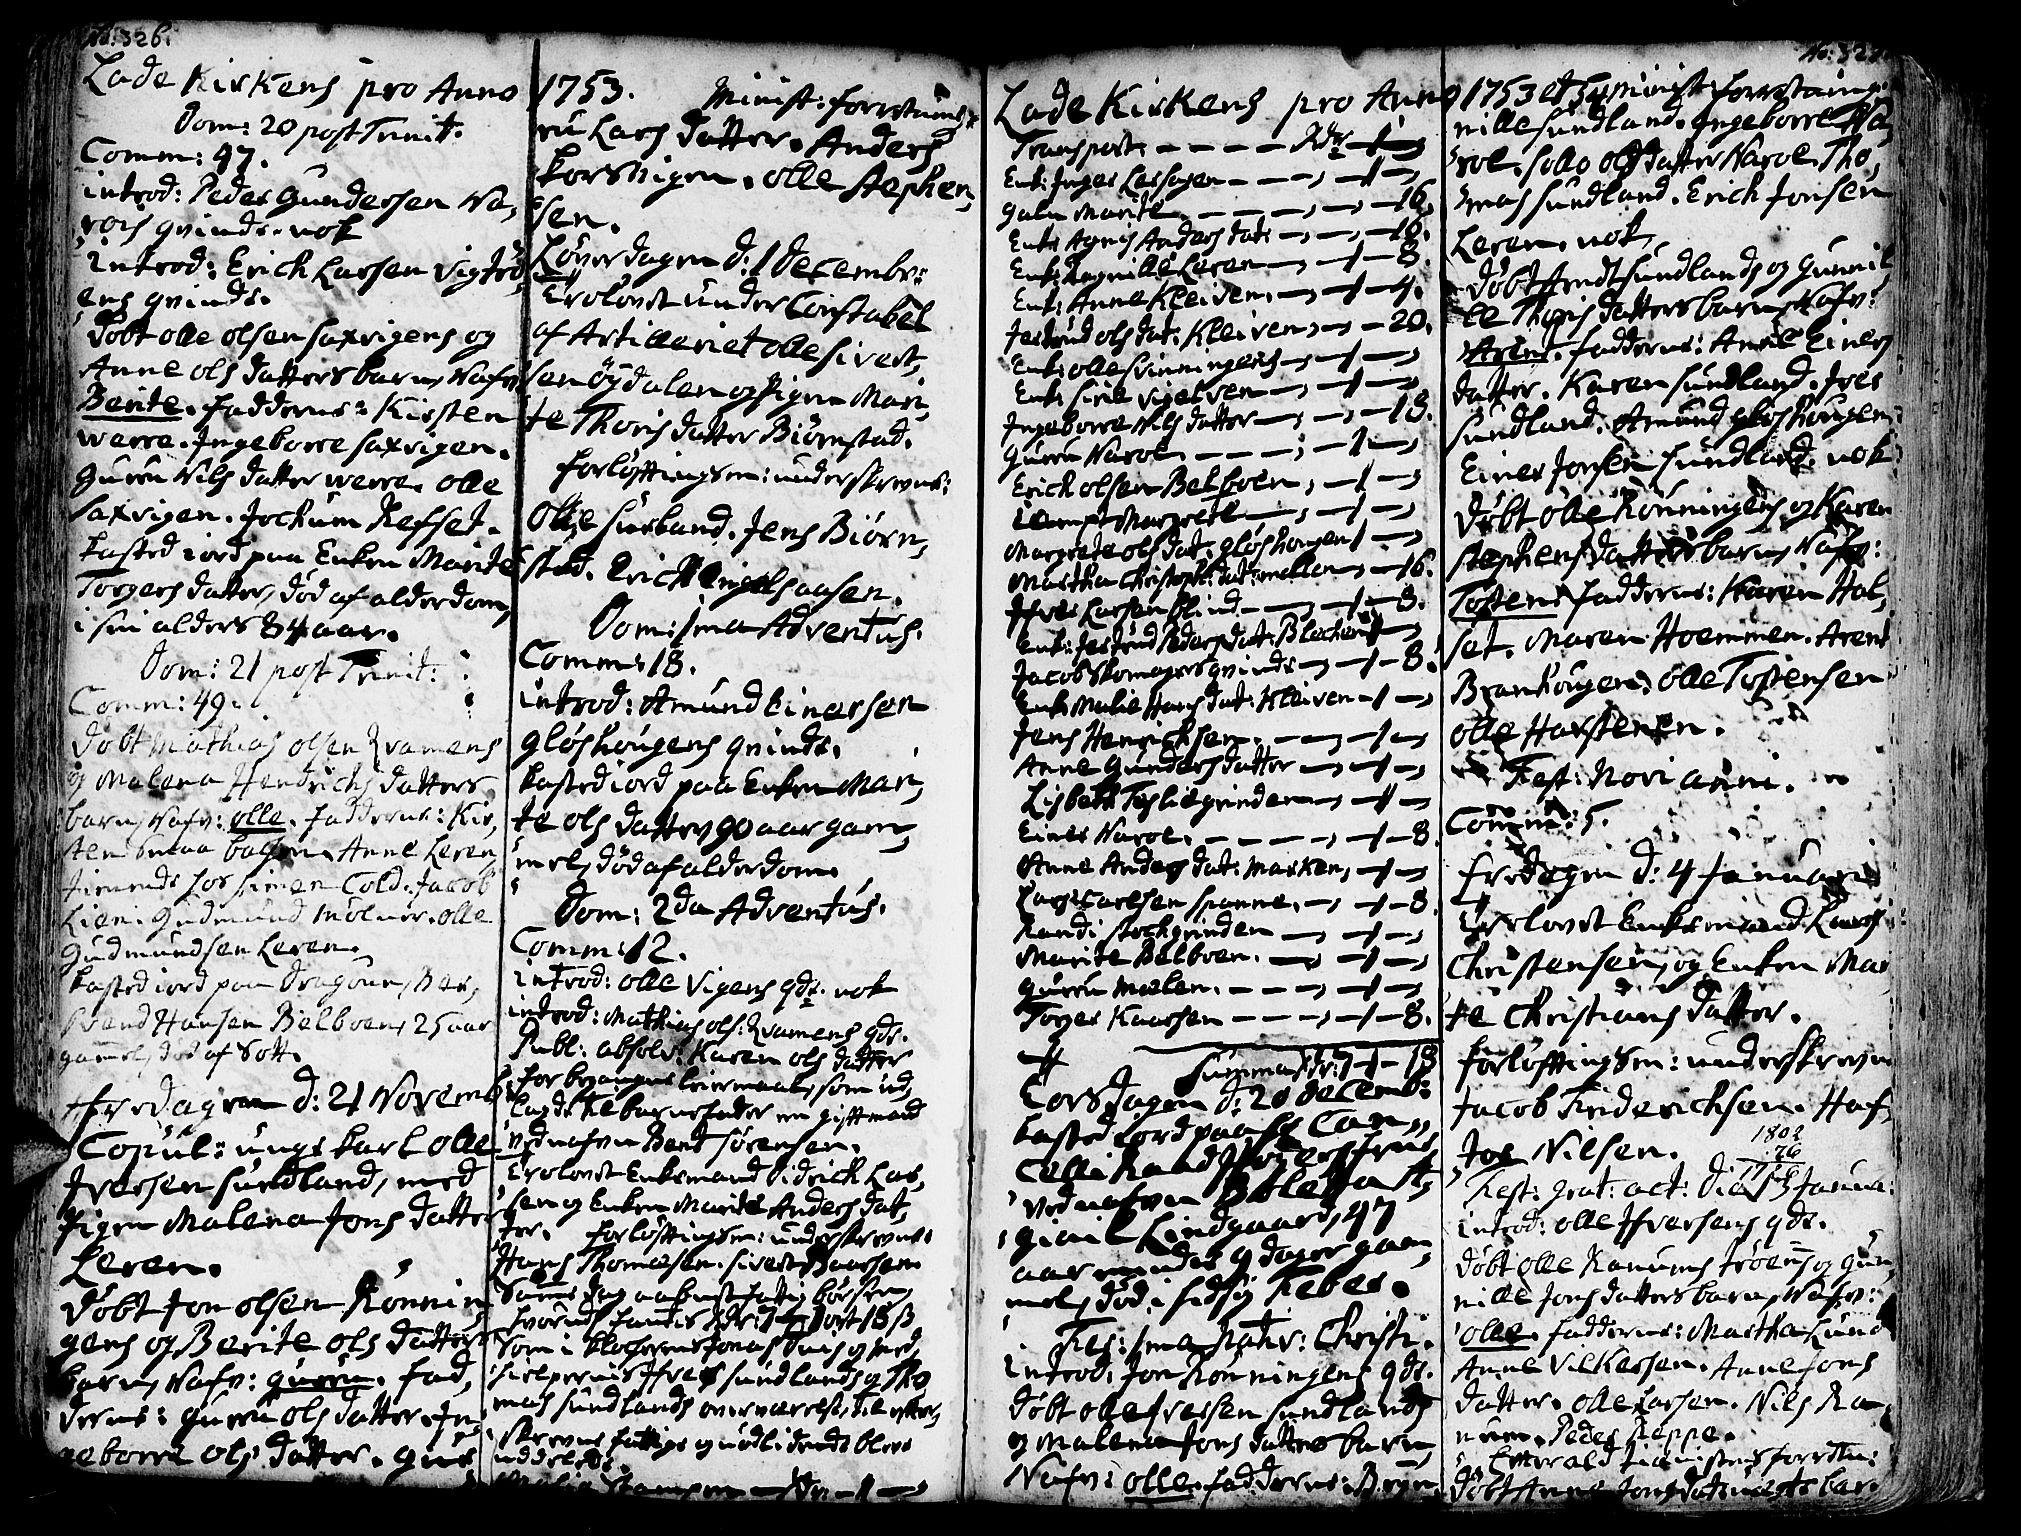 SAT, Ministerialprotokoller, klokkerbøker og fødselsregistre - Sør-Trøndelag, 606/L0275: Ministerialbok nr. 606A01 /1, 1727-1780, s. 326-327